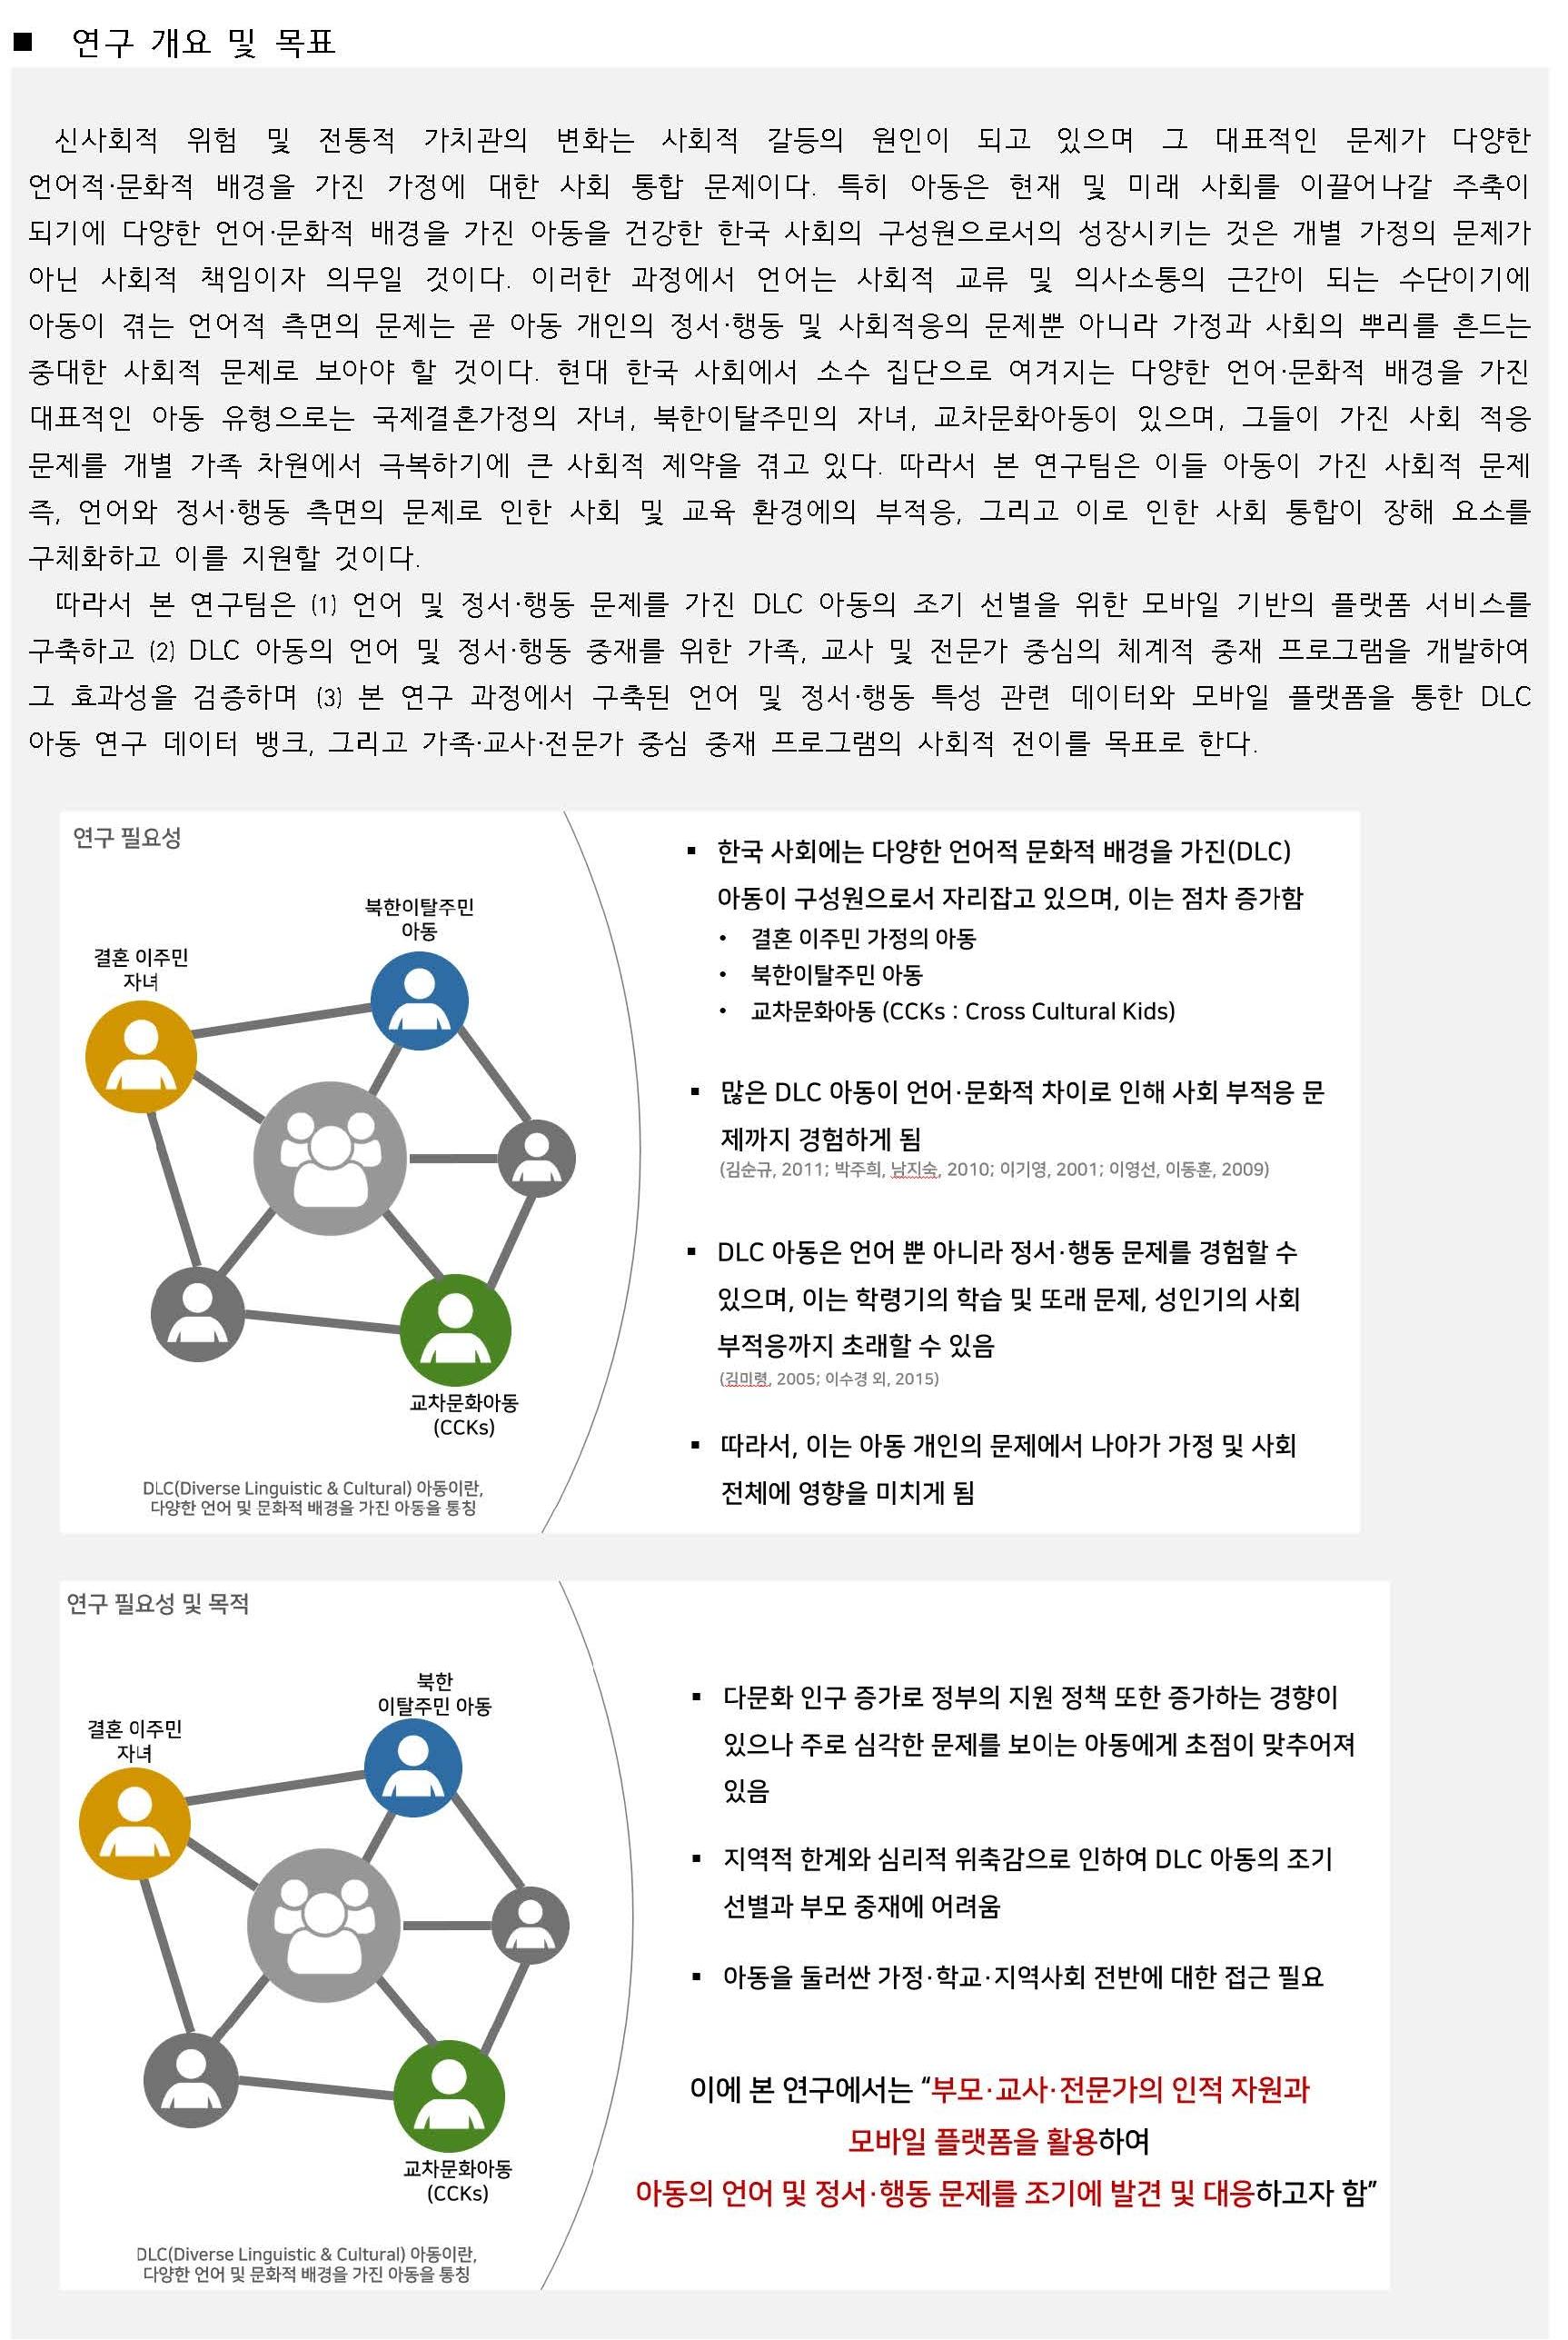 [SSK] 네트워크 자료집_페이지_1